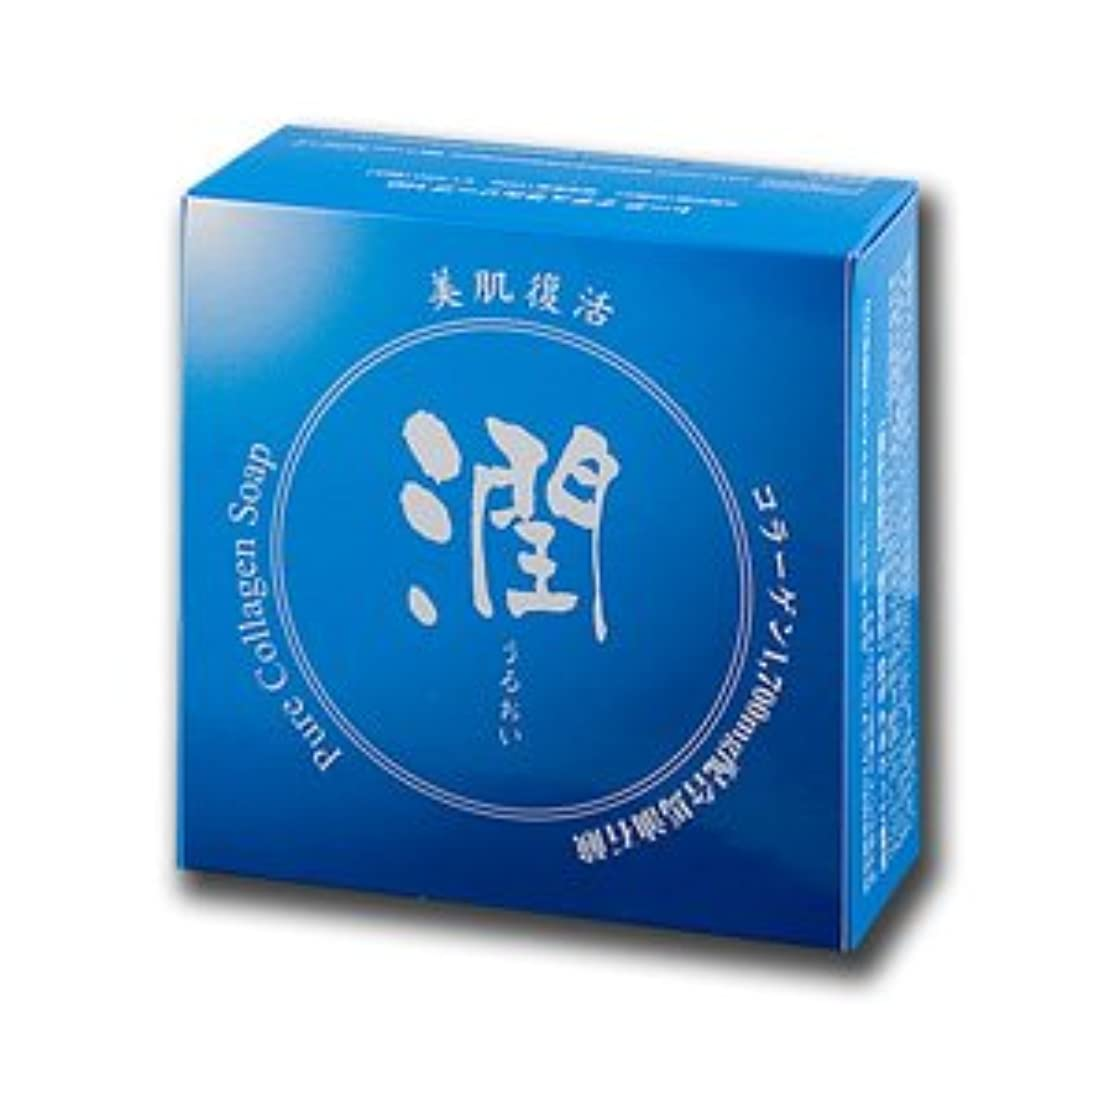 スクリュージョグスリムコラーゲン馬油石鹸 潤 100g (#800410) ×6個セット